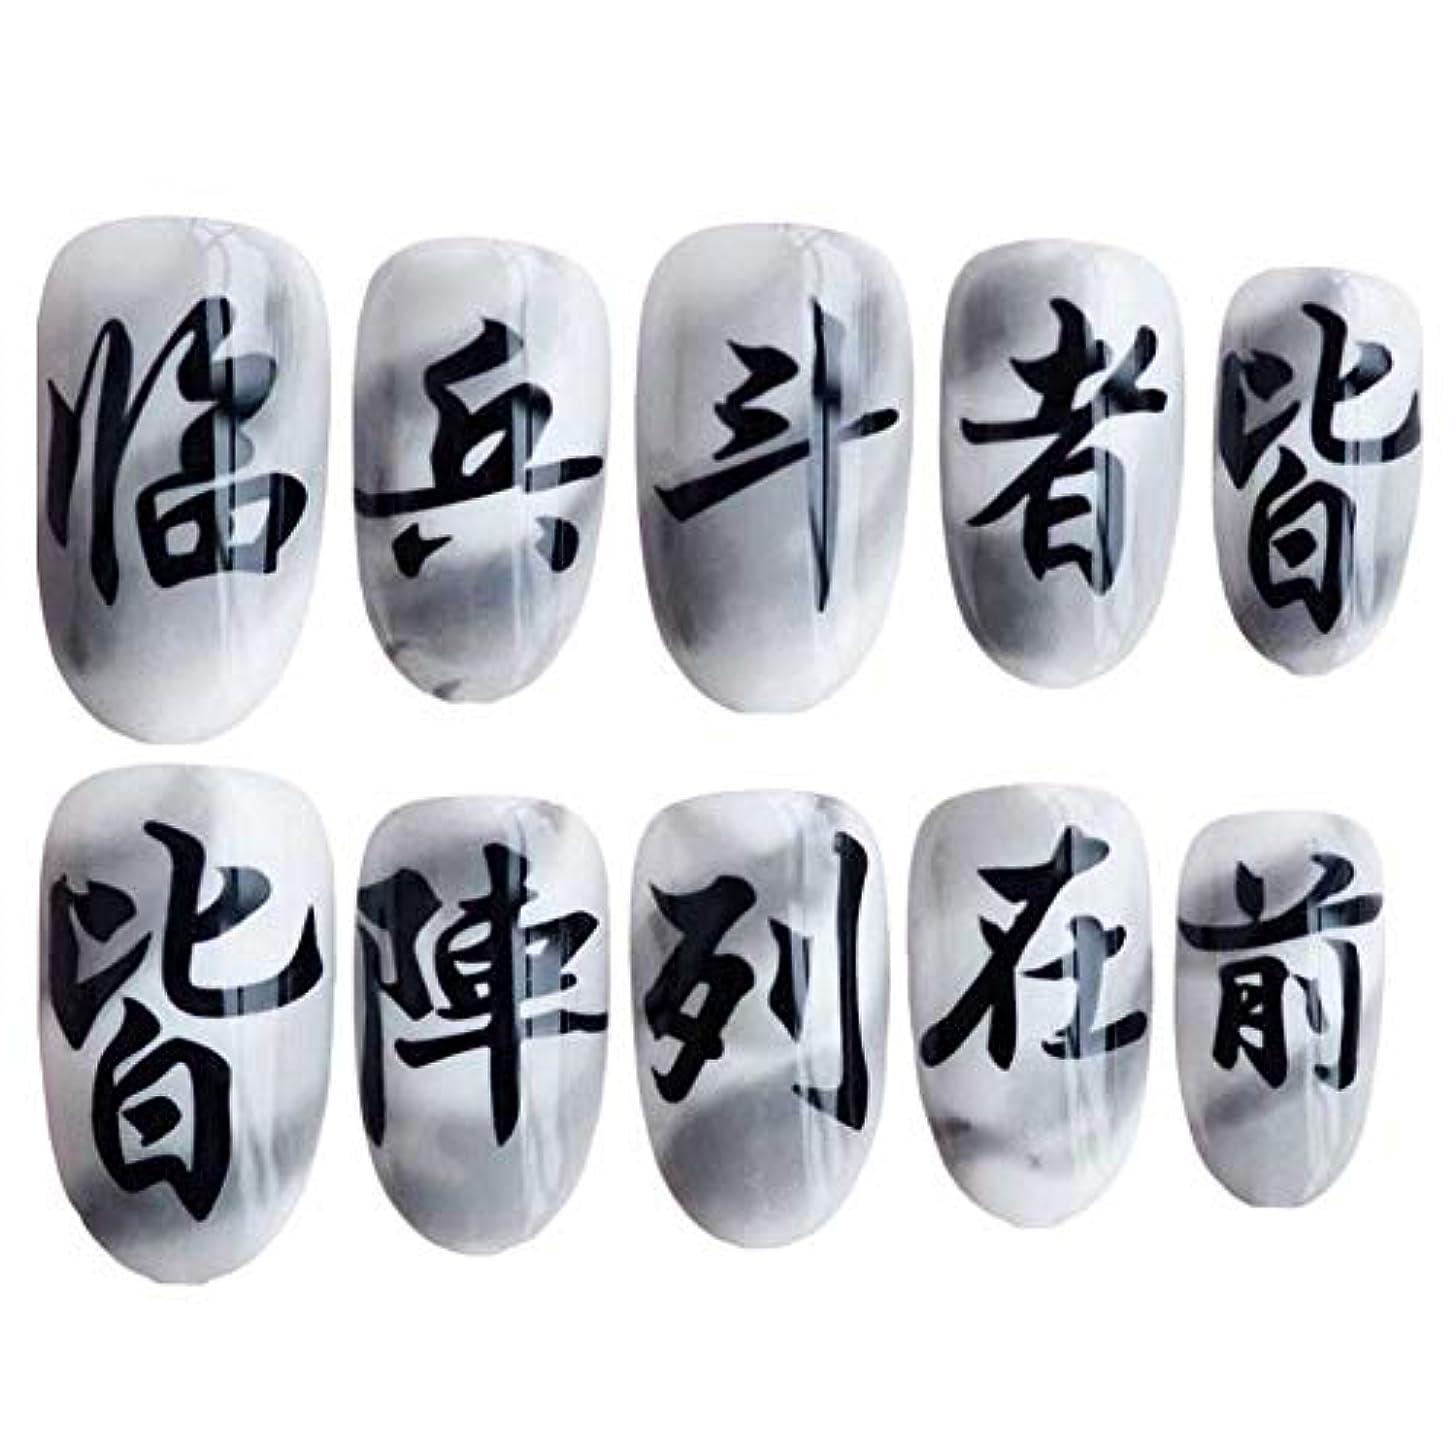 散逸破滅的なくすぐったい中国語文字灰色/白い偽爪爪人工爪装飾爪のヒント